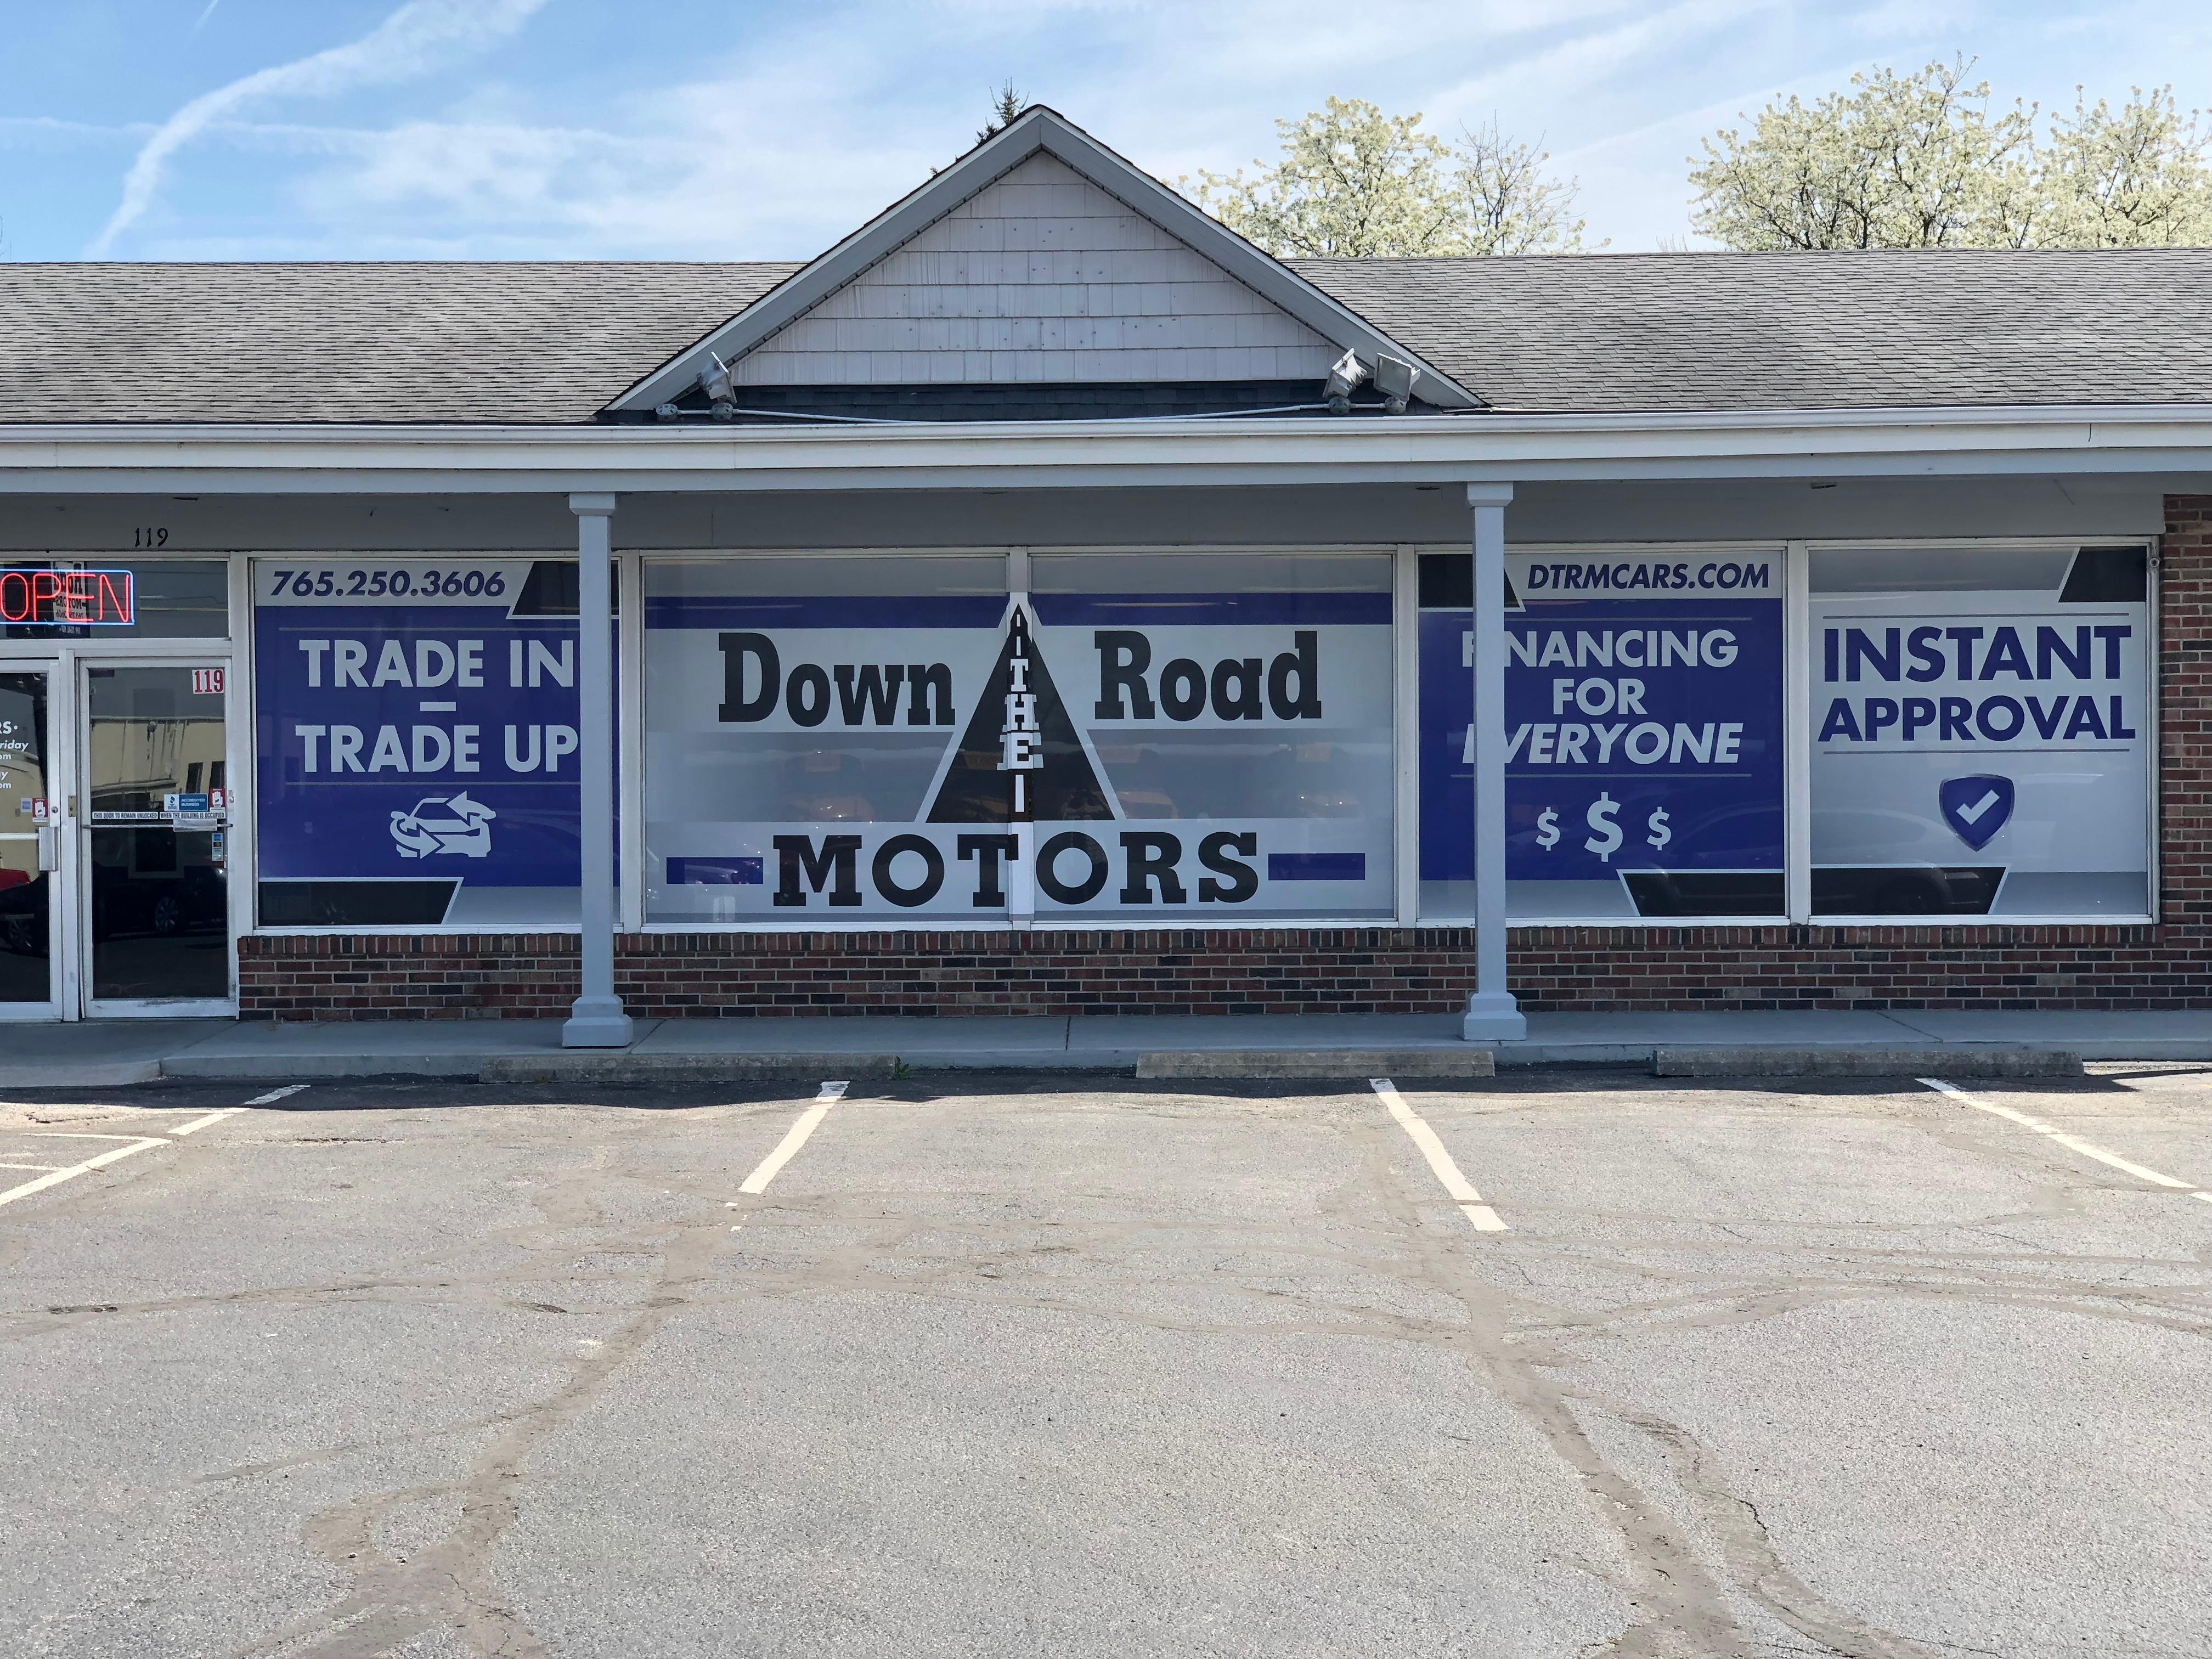 Down The Road Motors image 0